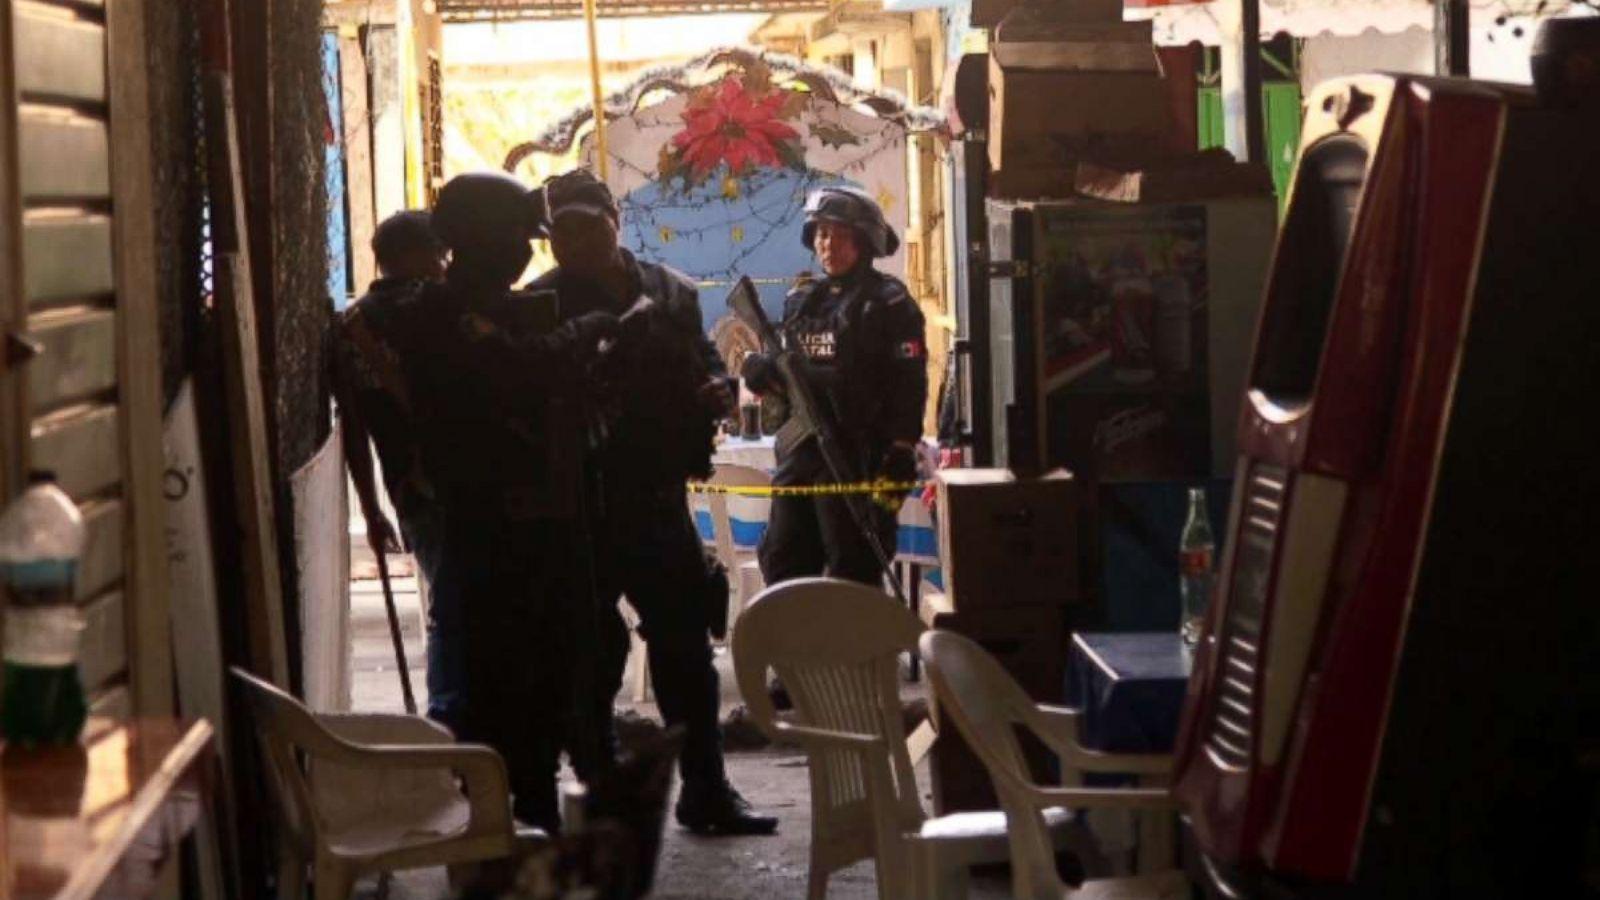 A dangerous tour through Mexico's violent drug cartel operations